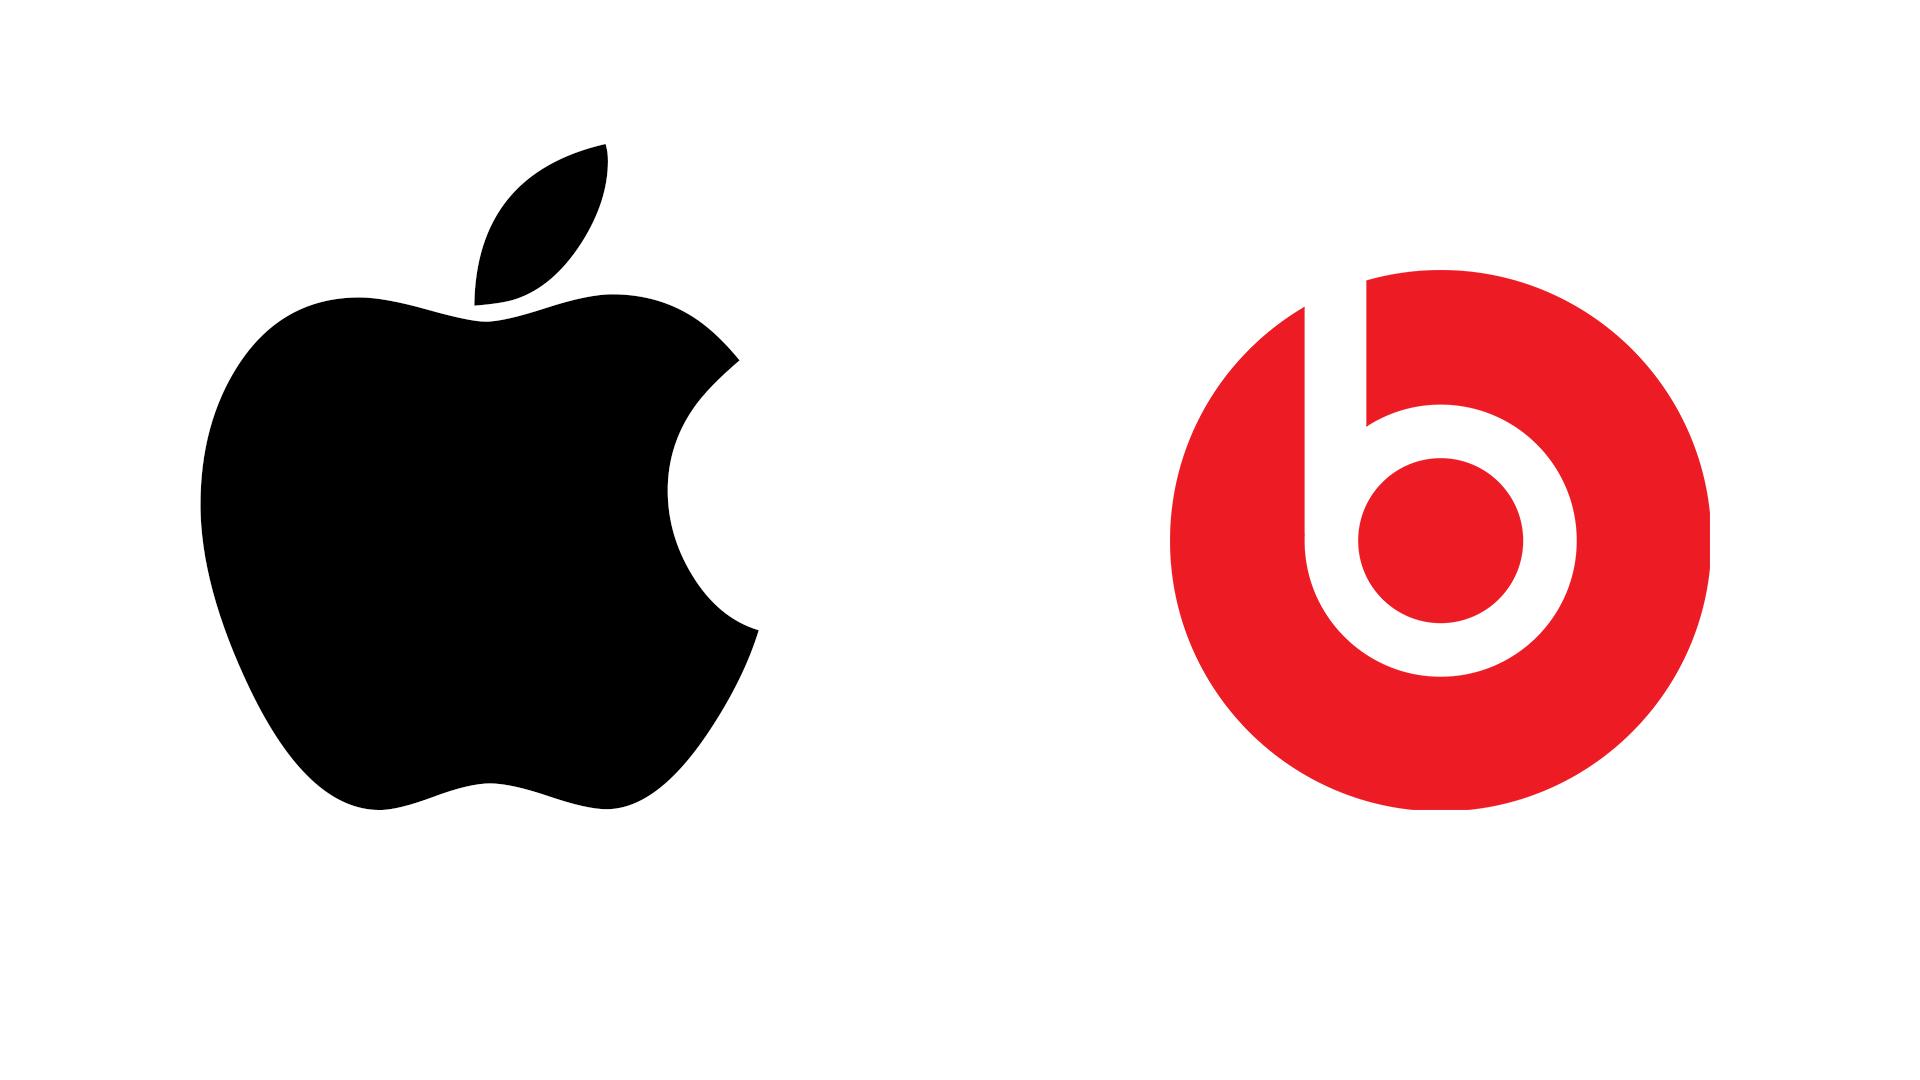 Apple купила компанию Beats